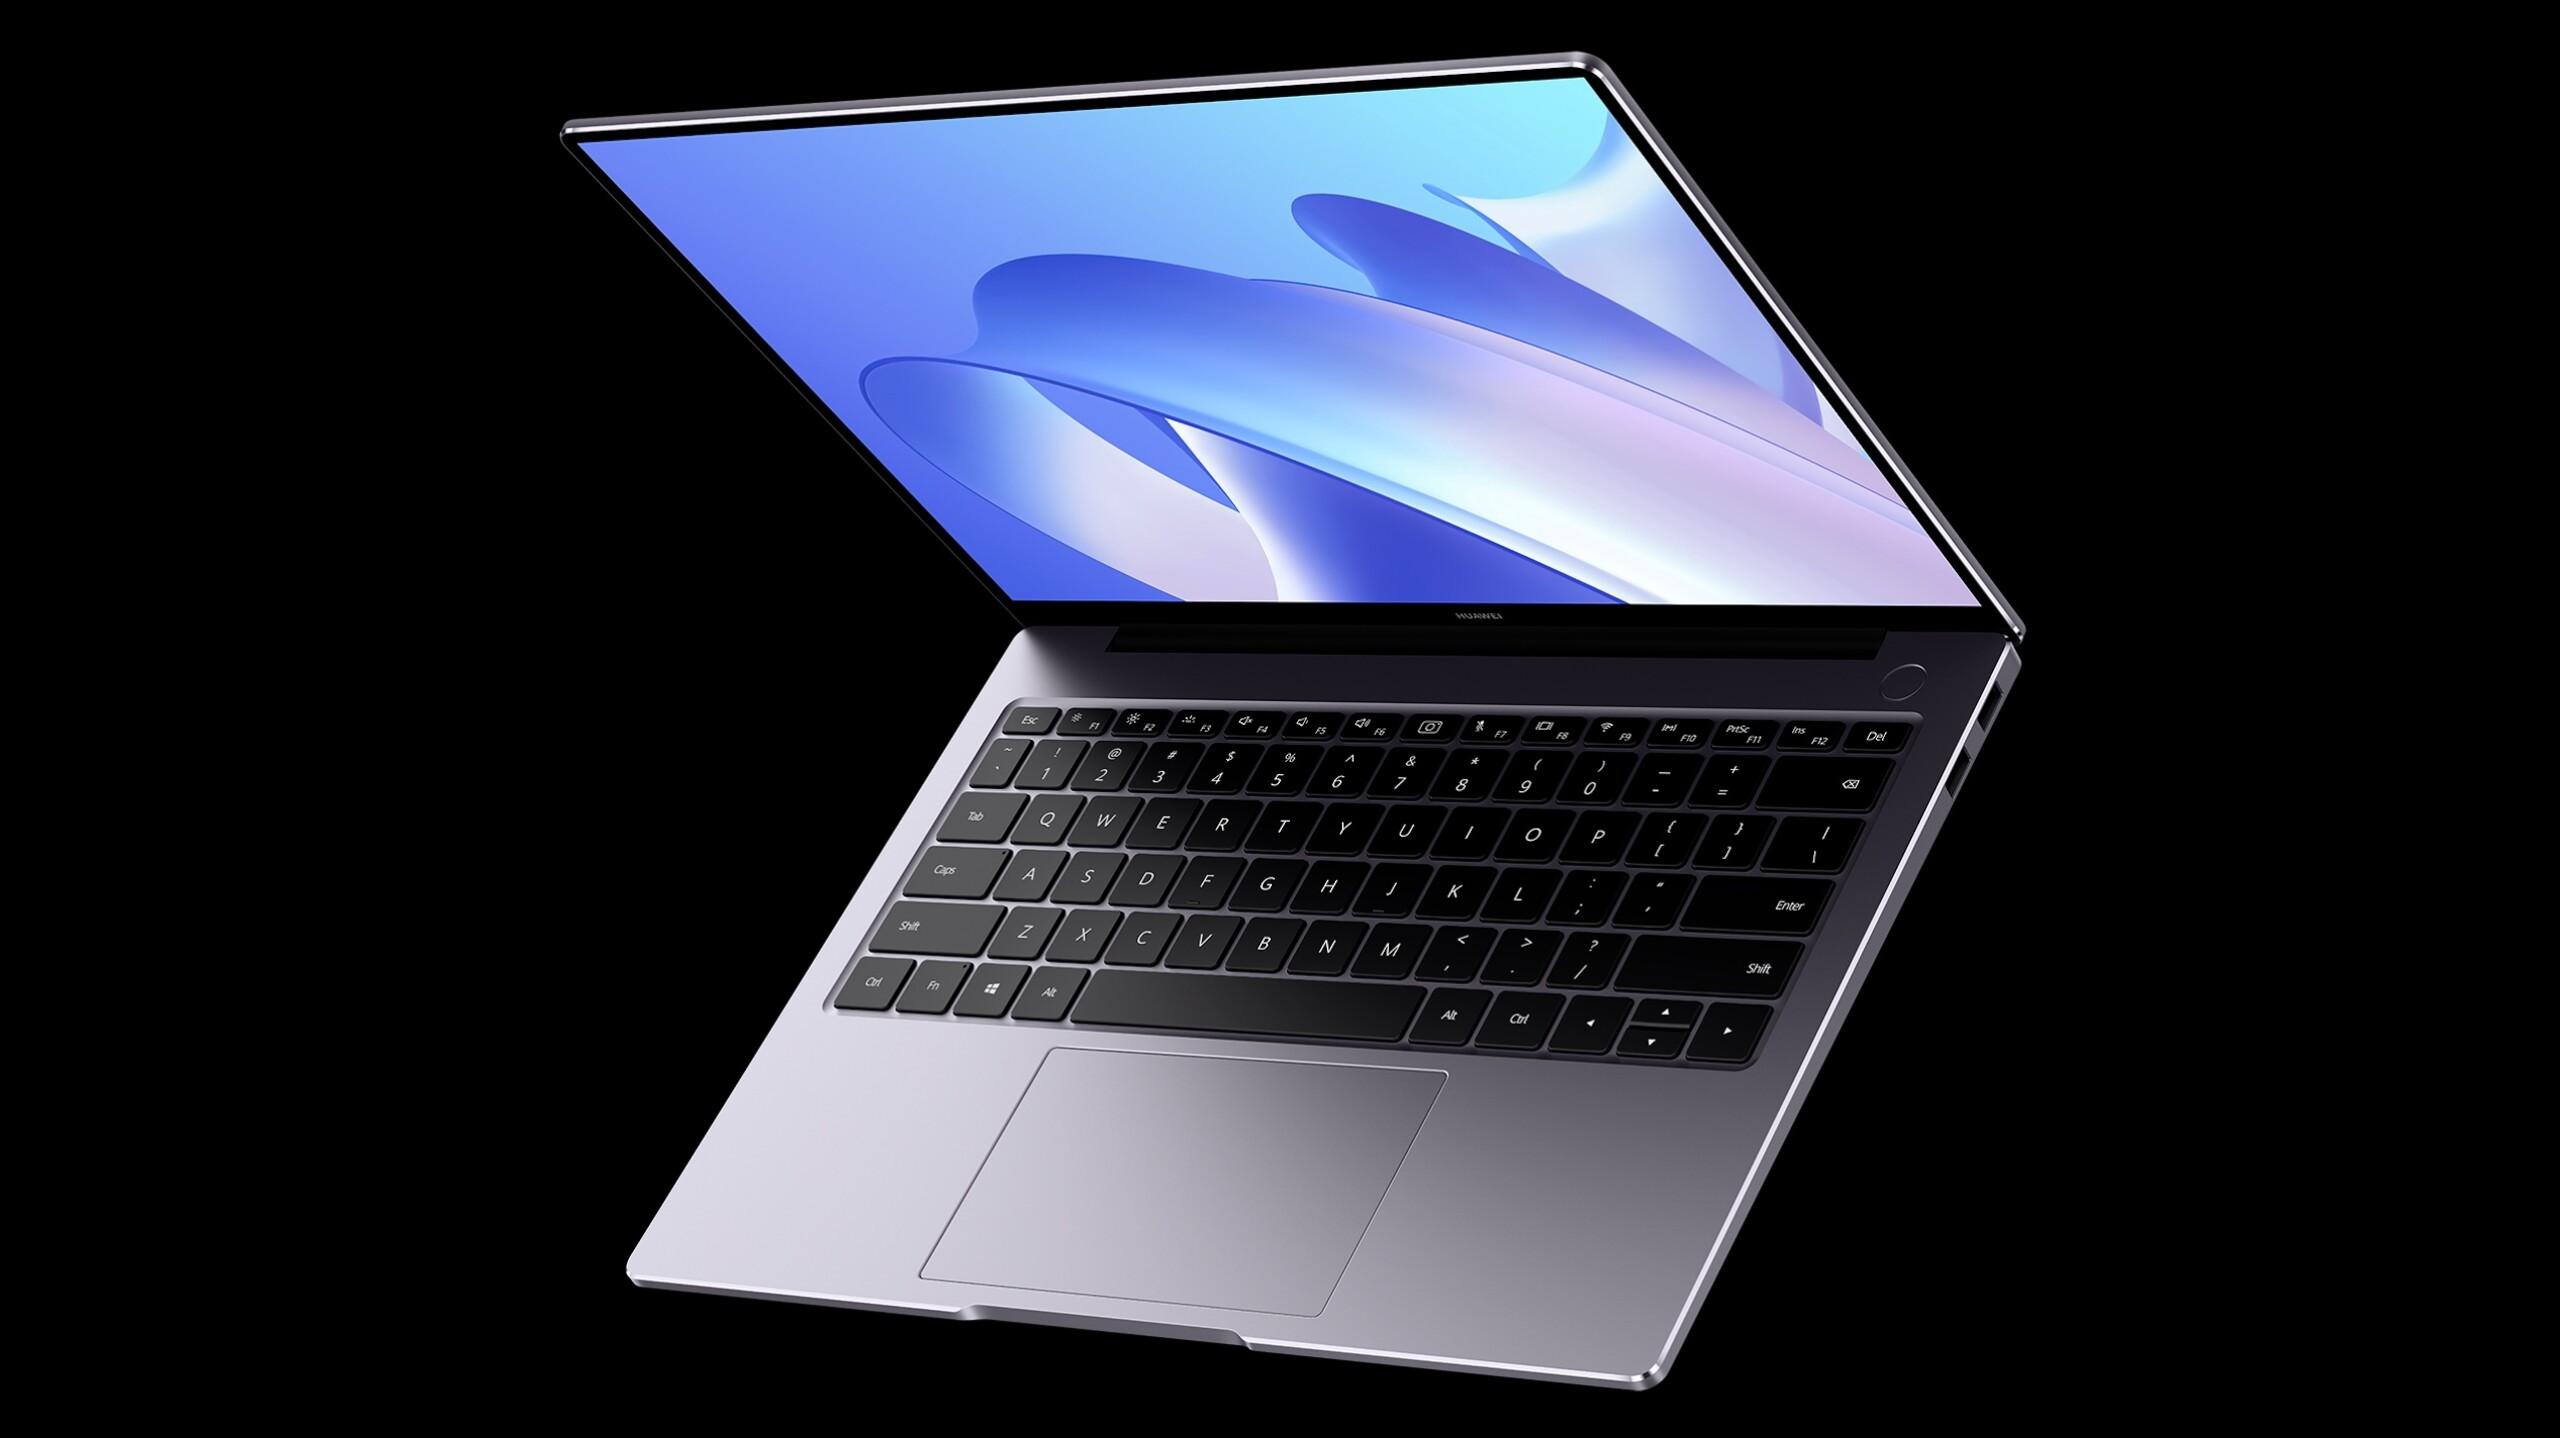 Huawei annonce un nouveau MateBook14, plus puissant mais plus cher